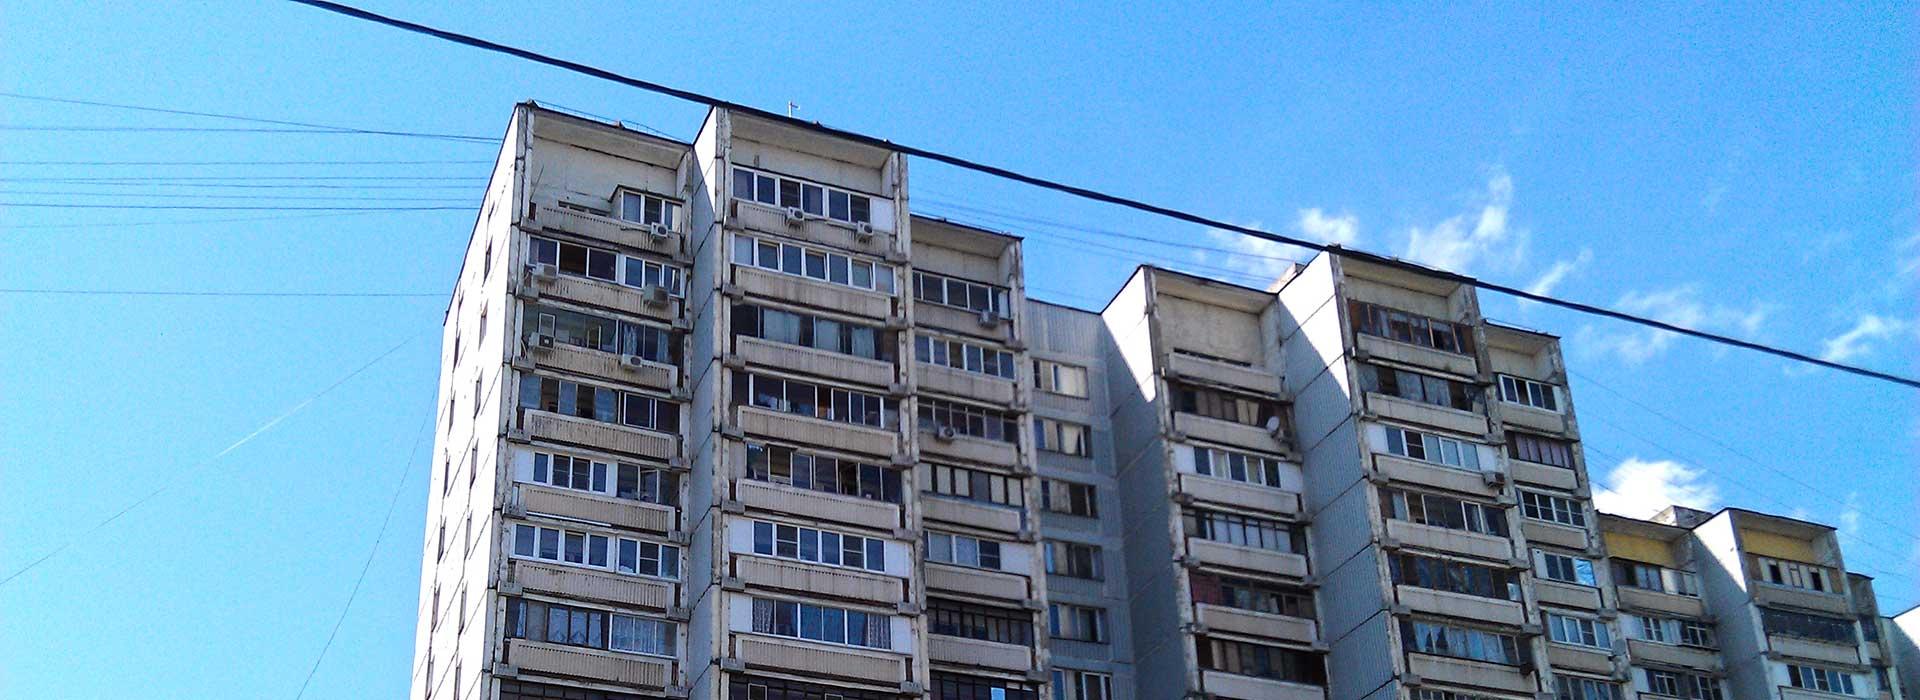 Деревянные окна в дома серии И-522А